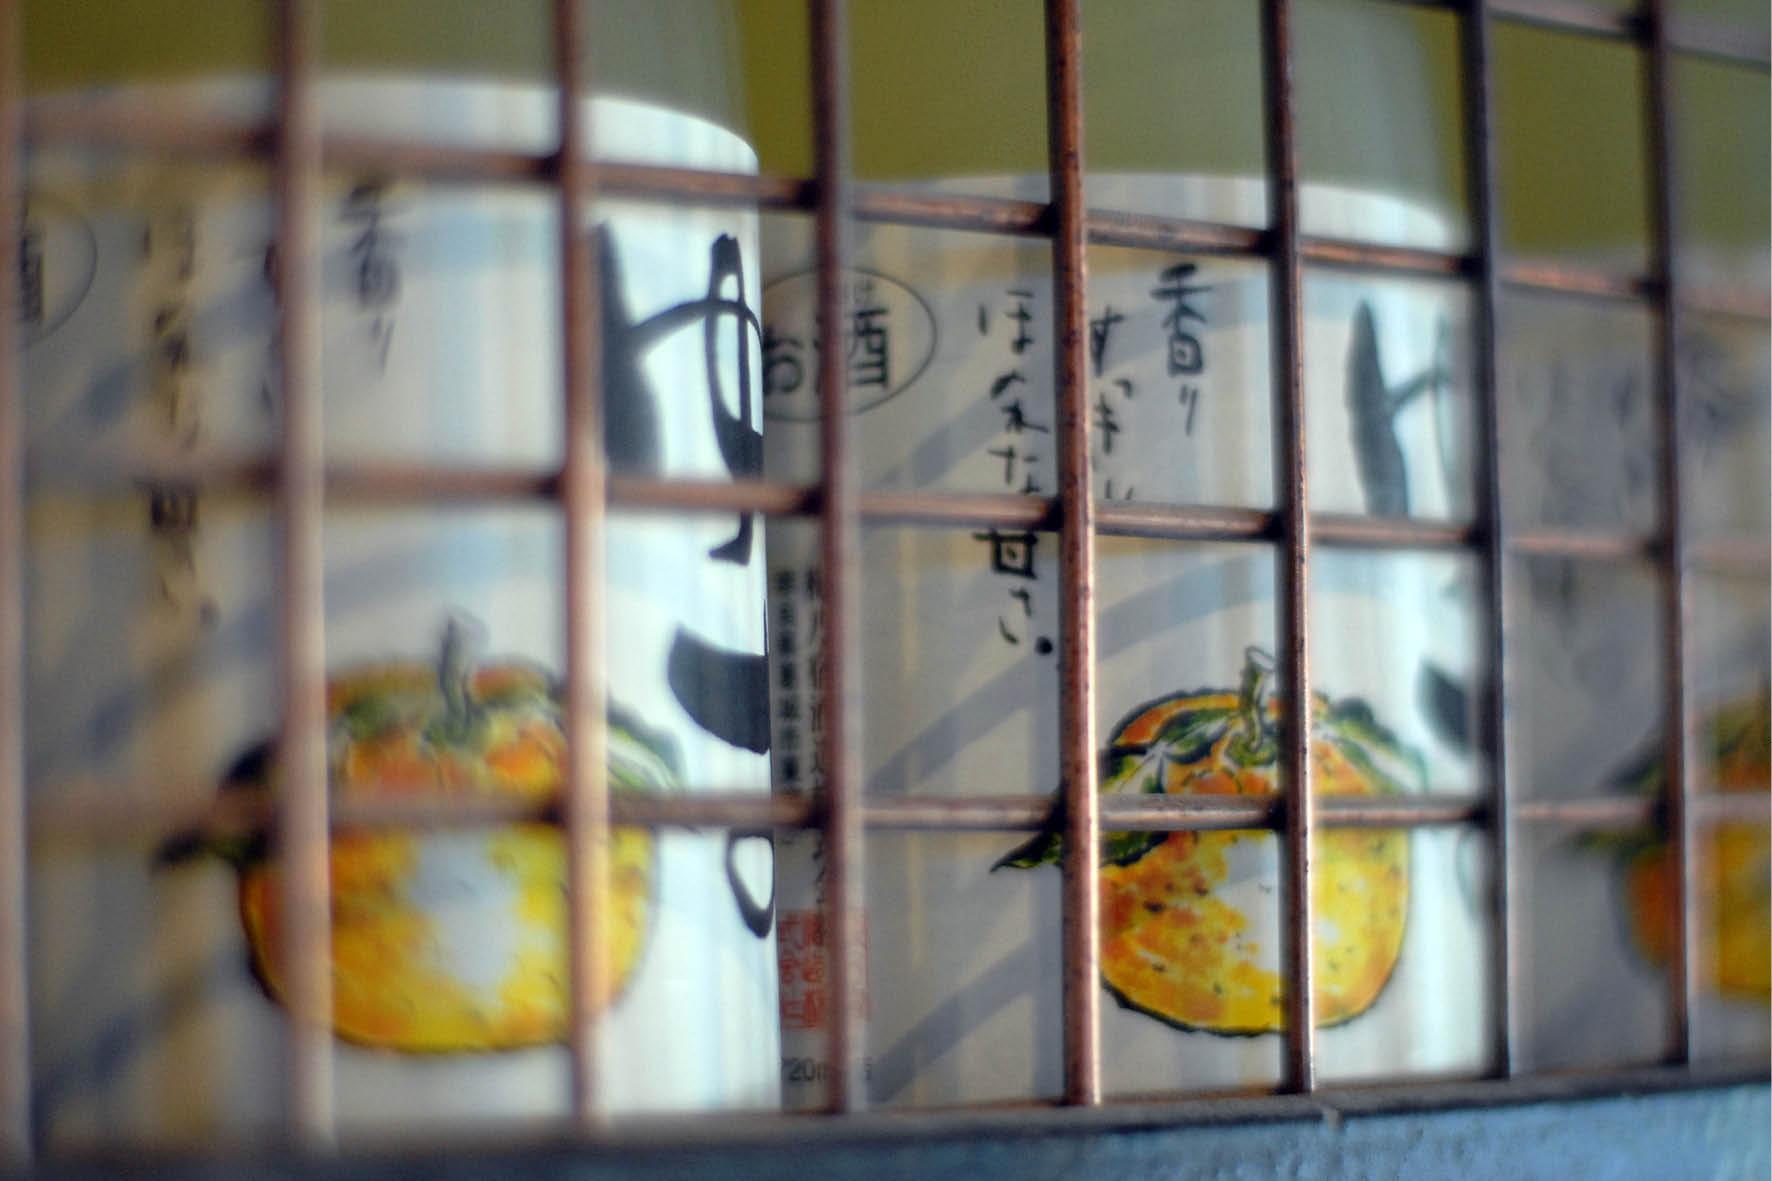 hakata_japanese_ramen+bar_2019_no_53.jpg